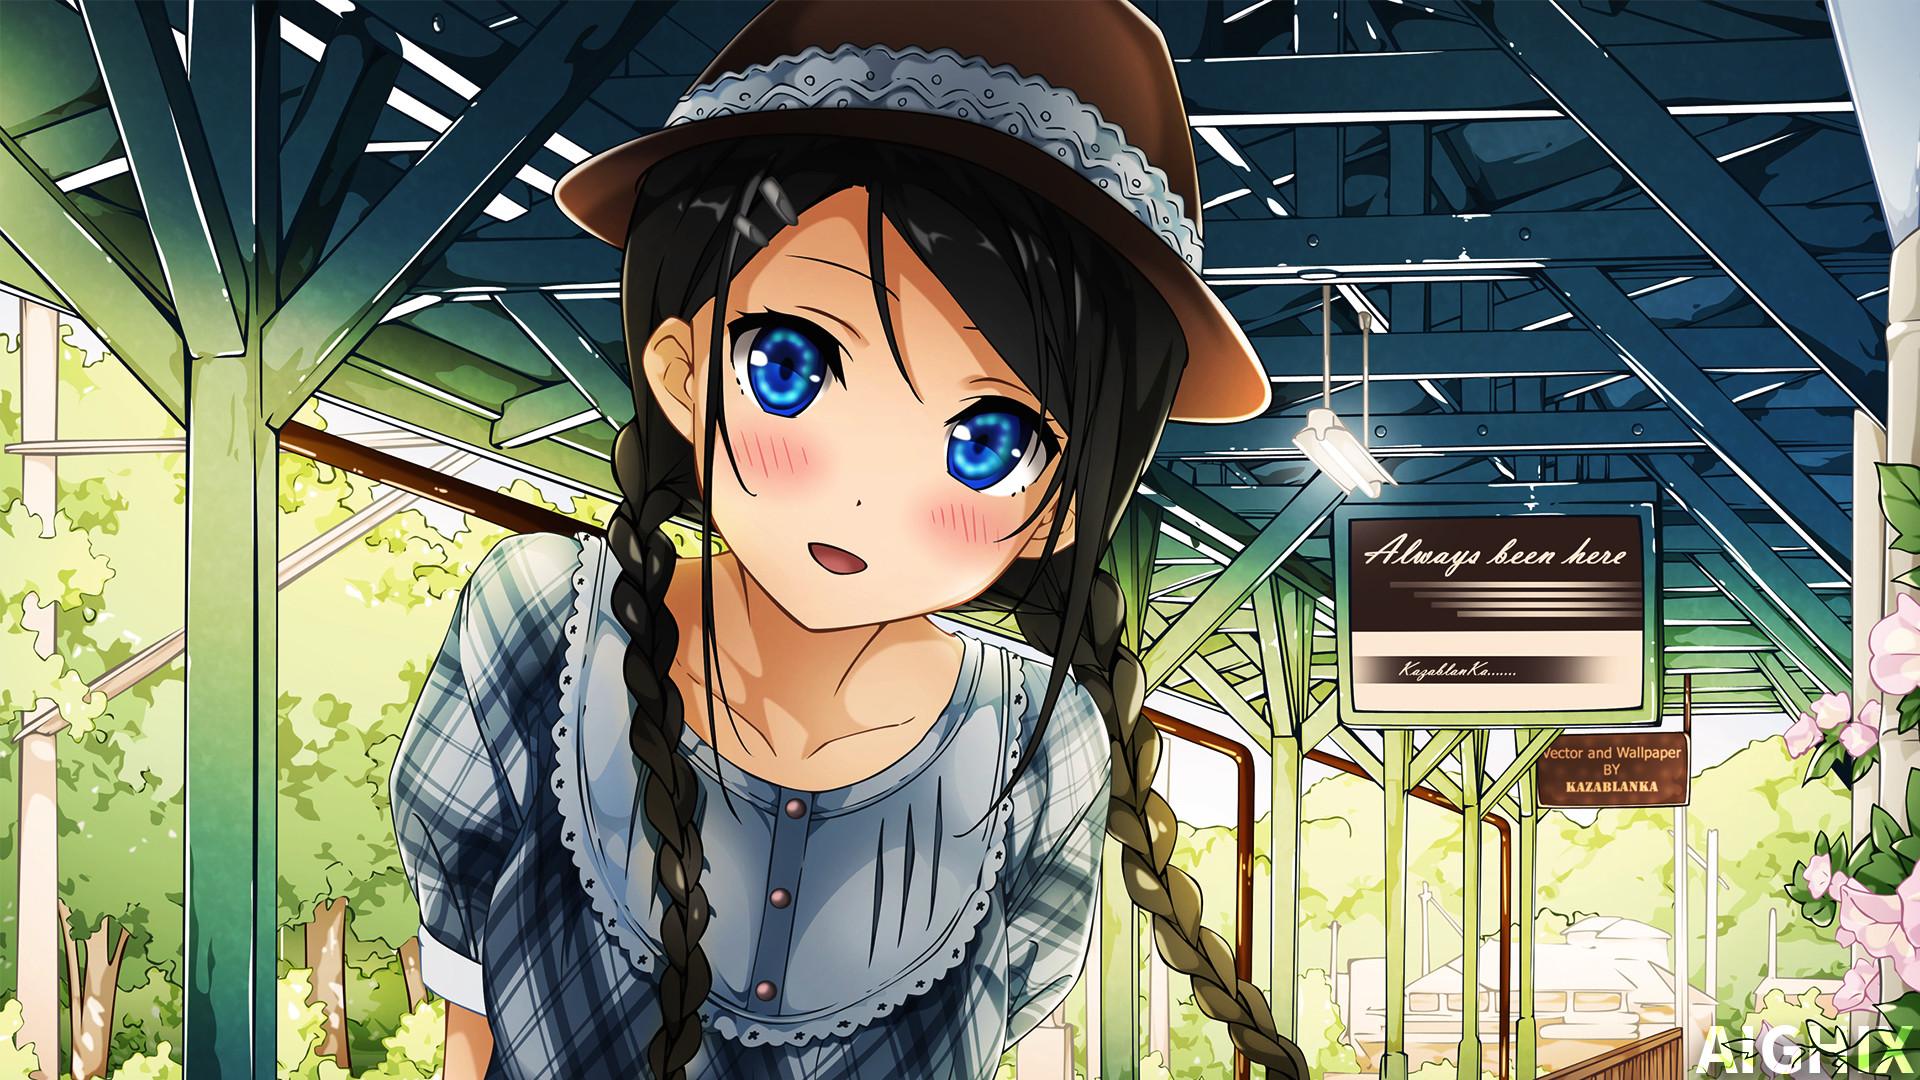 Kawaii Anime Girl Wallpaper by AIGHIX Kawaii Anime Girl Wallpaper by AIGHIX